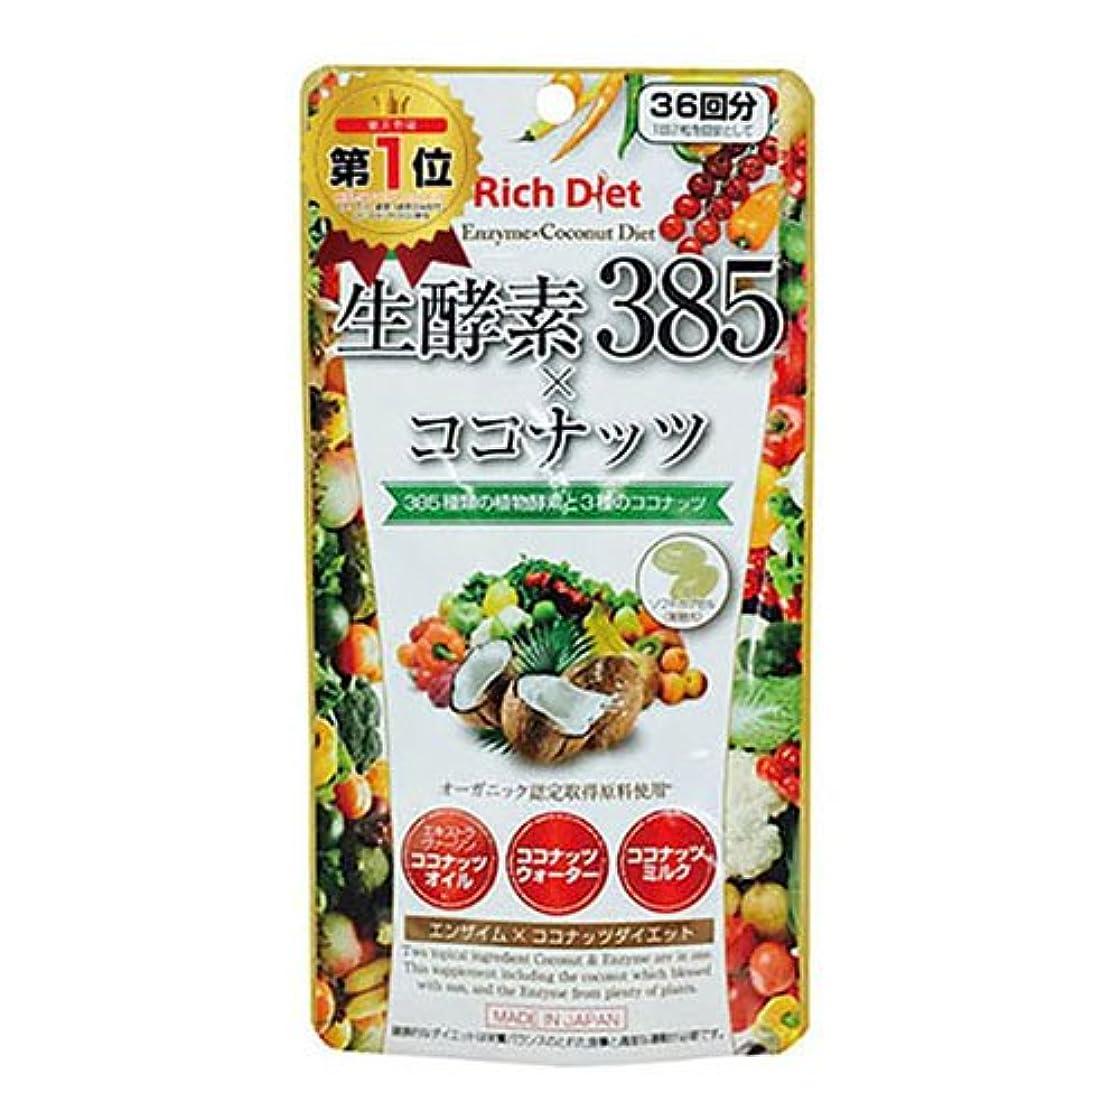 組効能犯人Rich Diet 生酵素×ココナッツダイエット 72粒